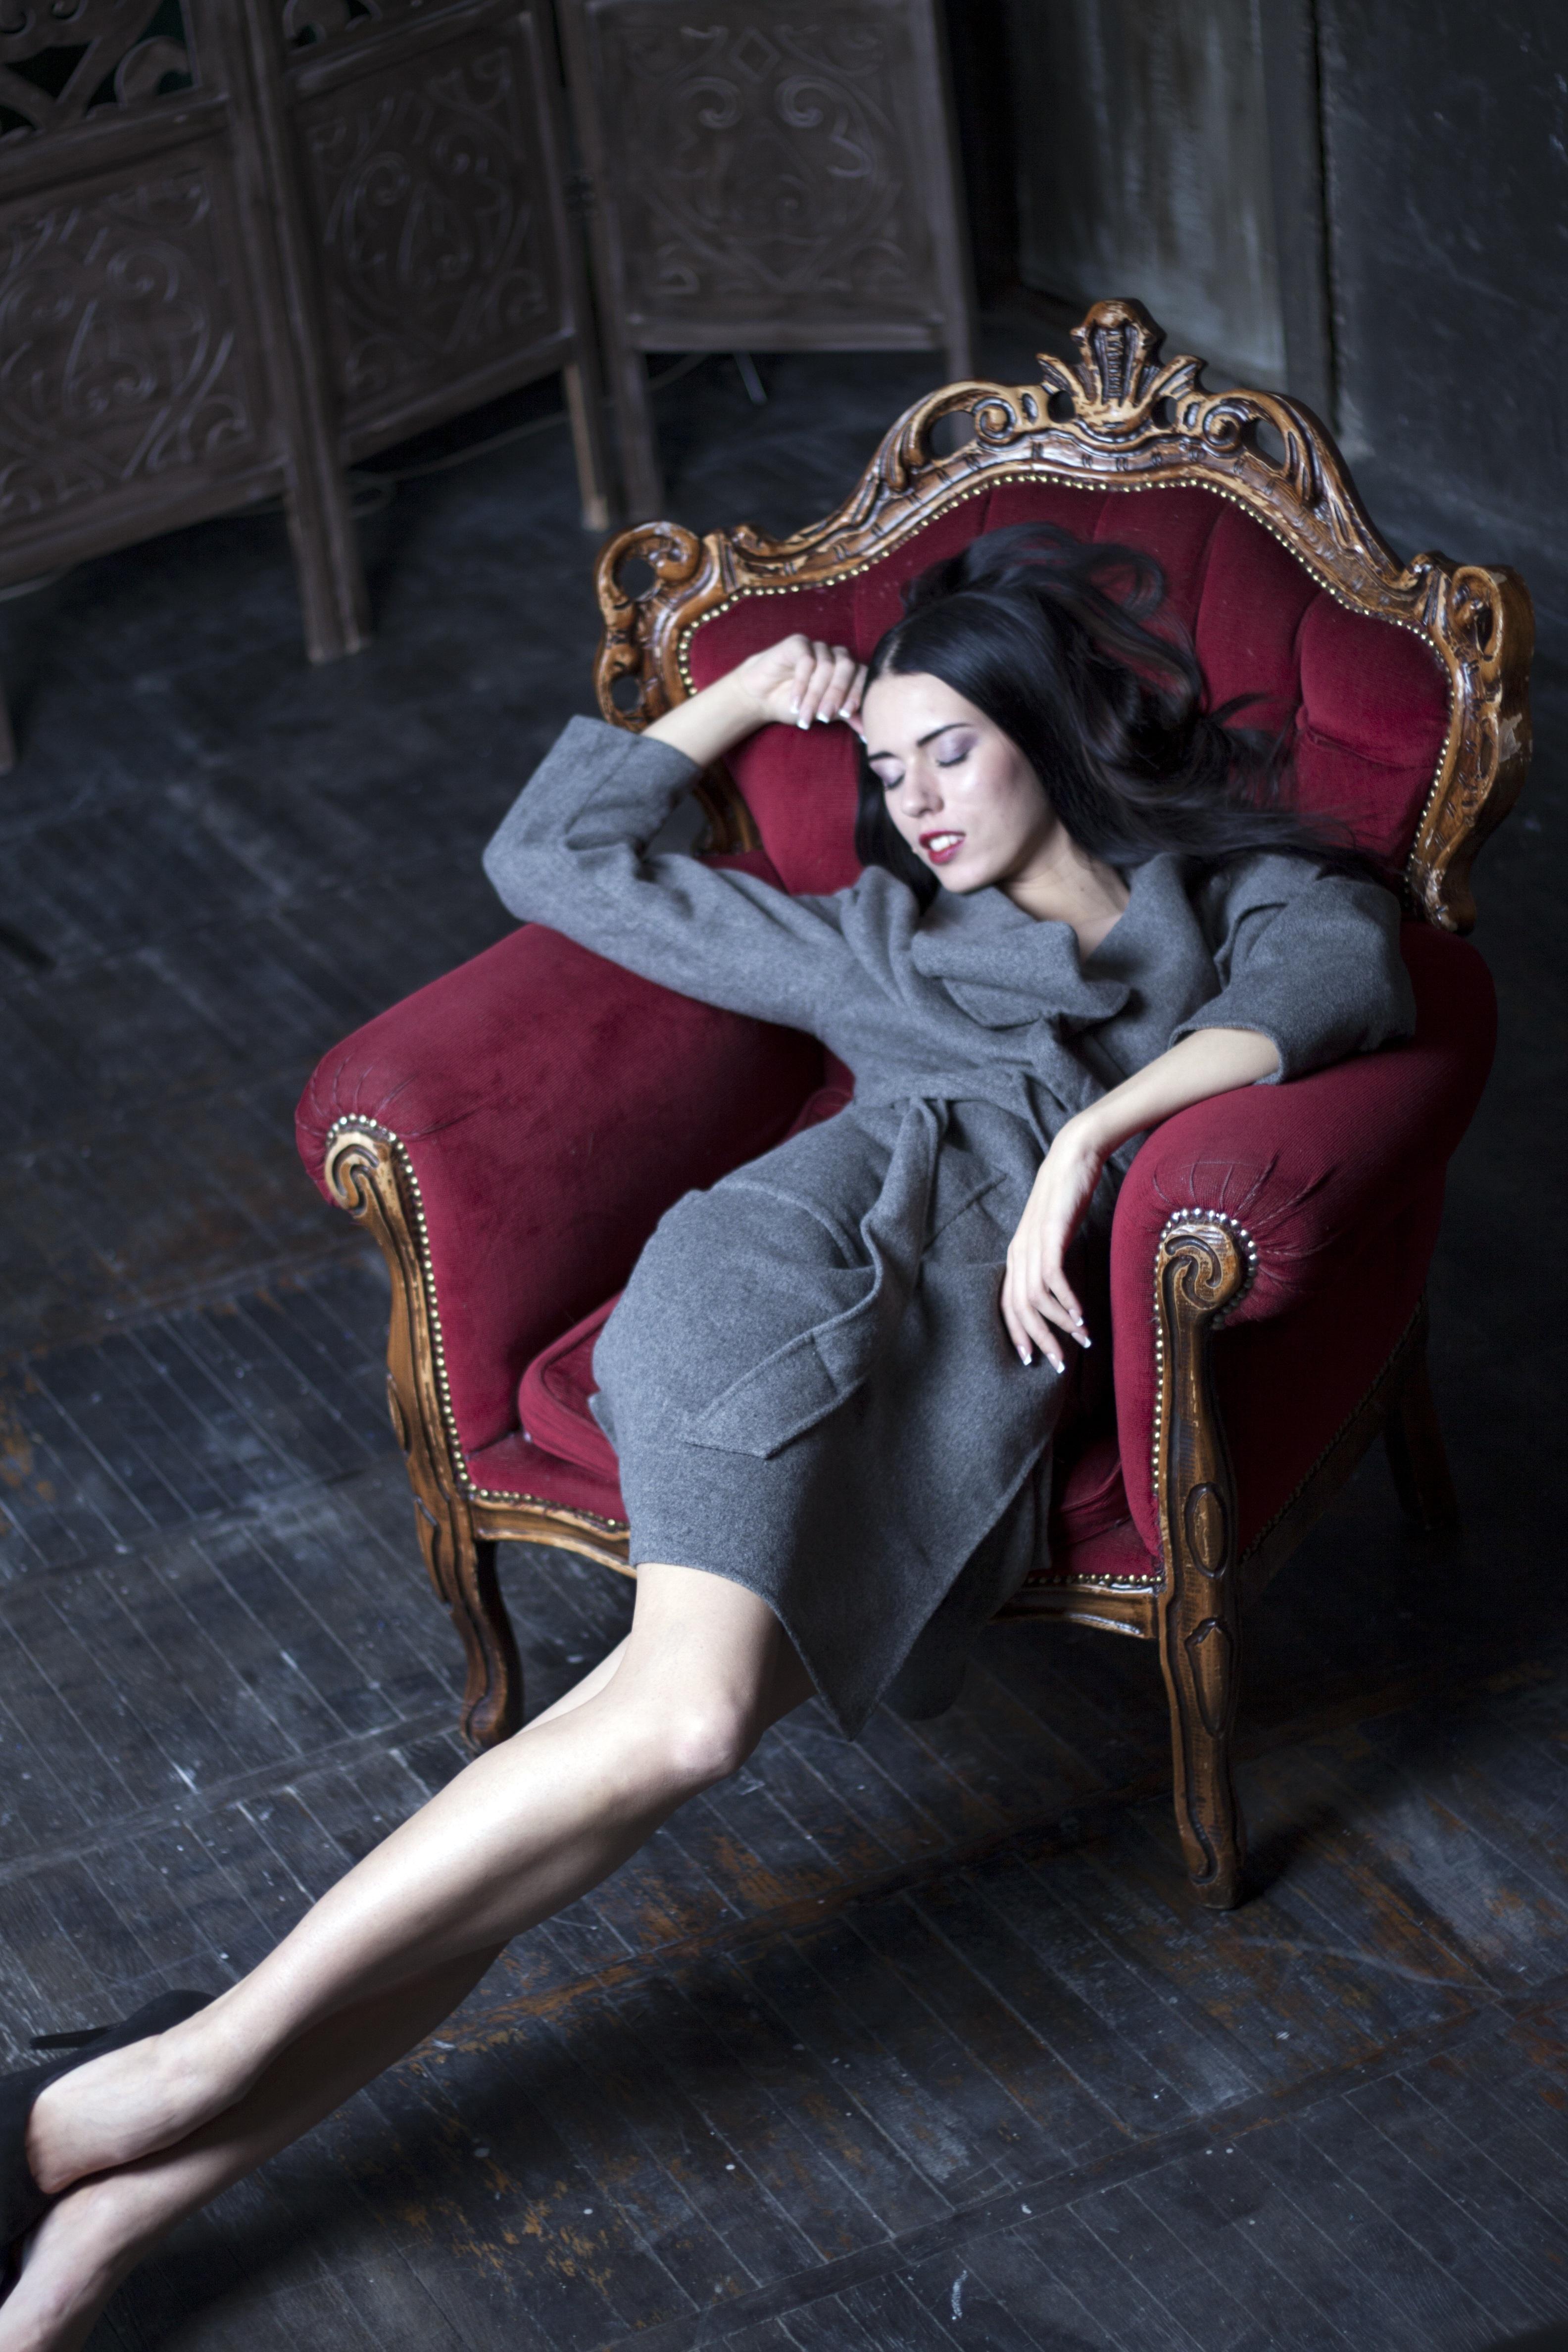 Фигуристой сисястой девушки в кресле ноги крупным планом фото разных